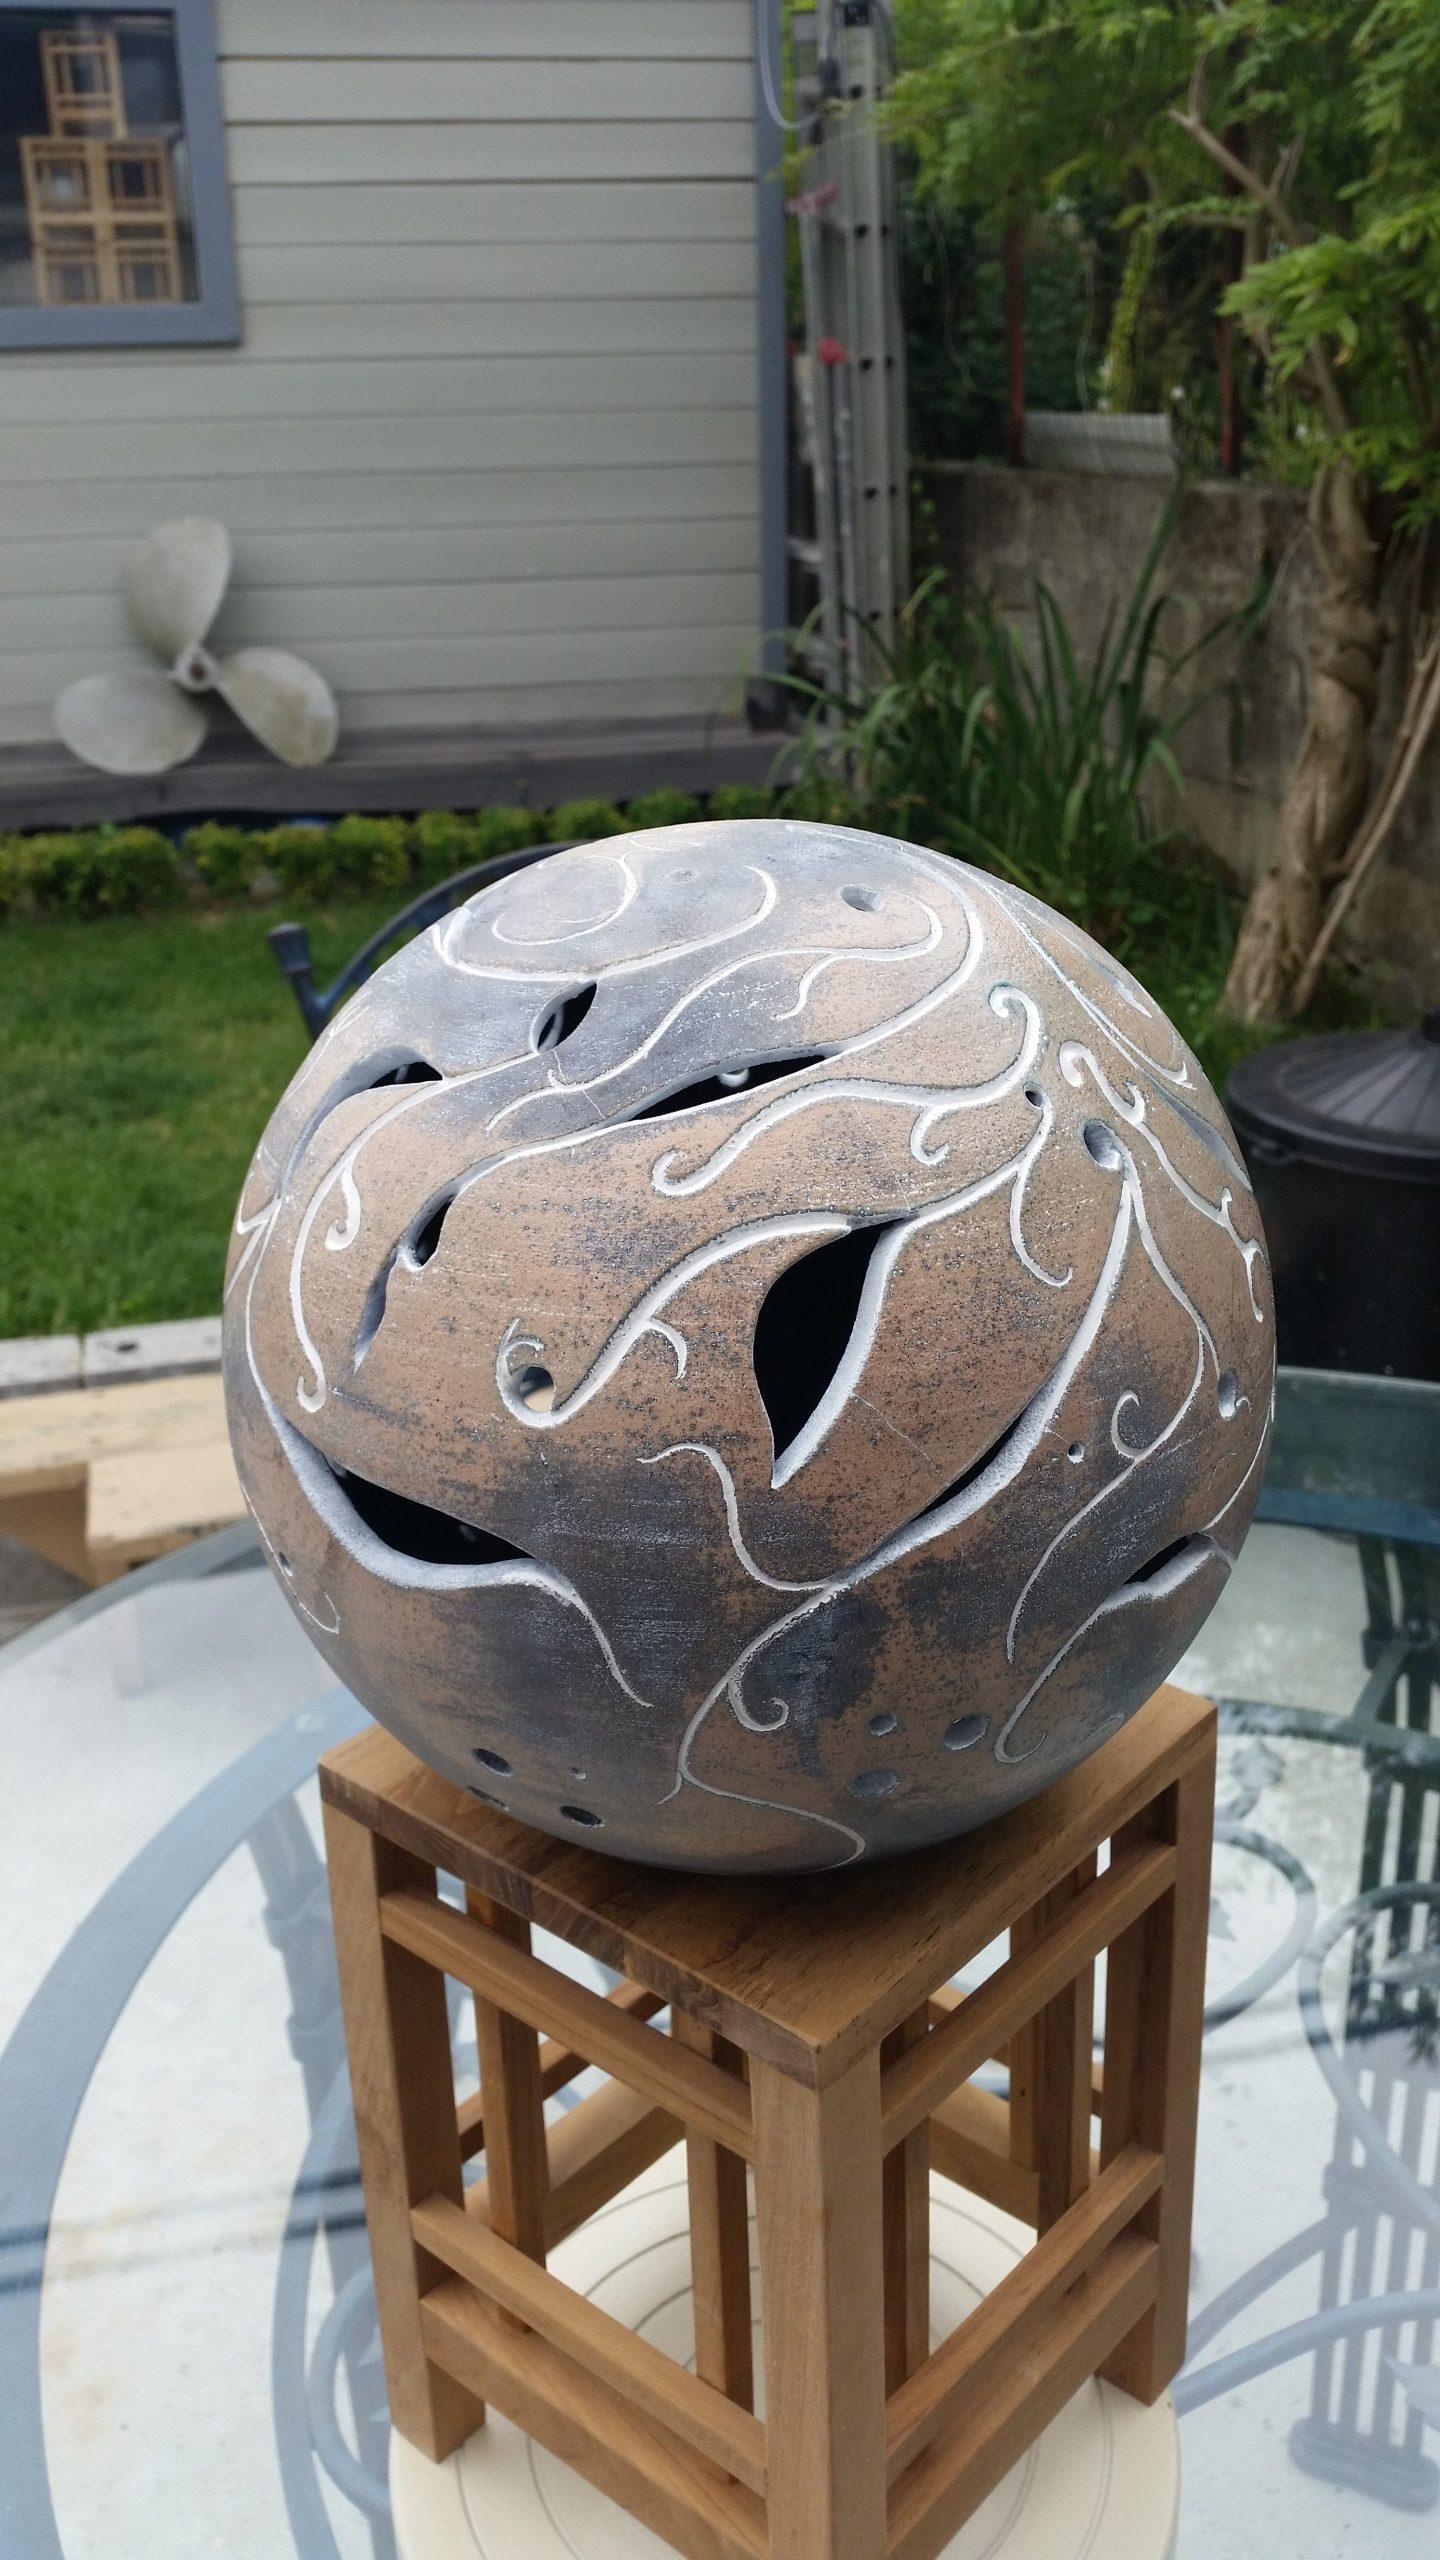 Retrouver Moi Sur Face ( Mon Atelier Raku ) | Idées De ... encequiconcerne Boule Céramique Jardin